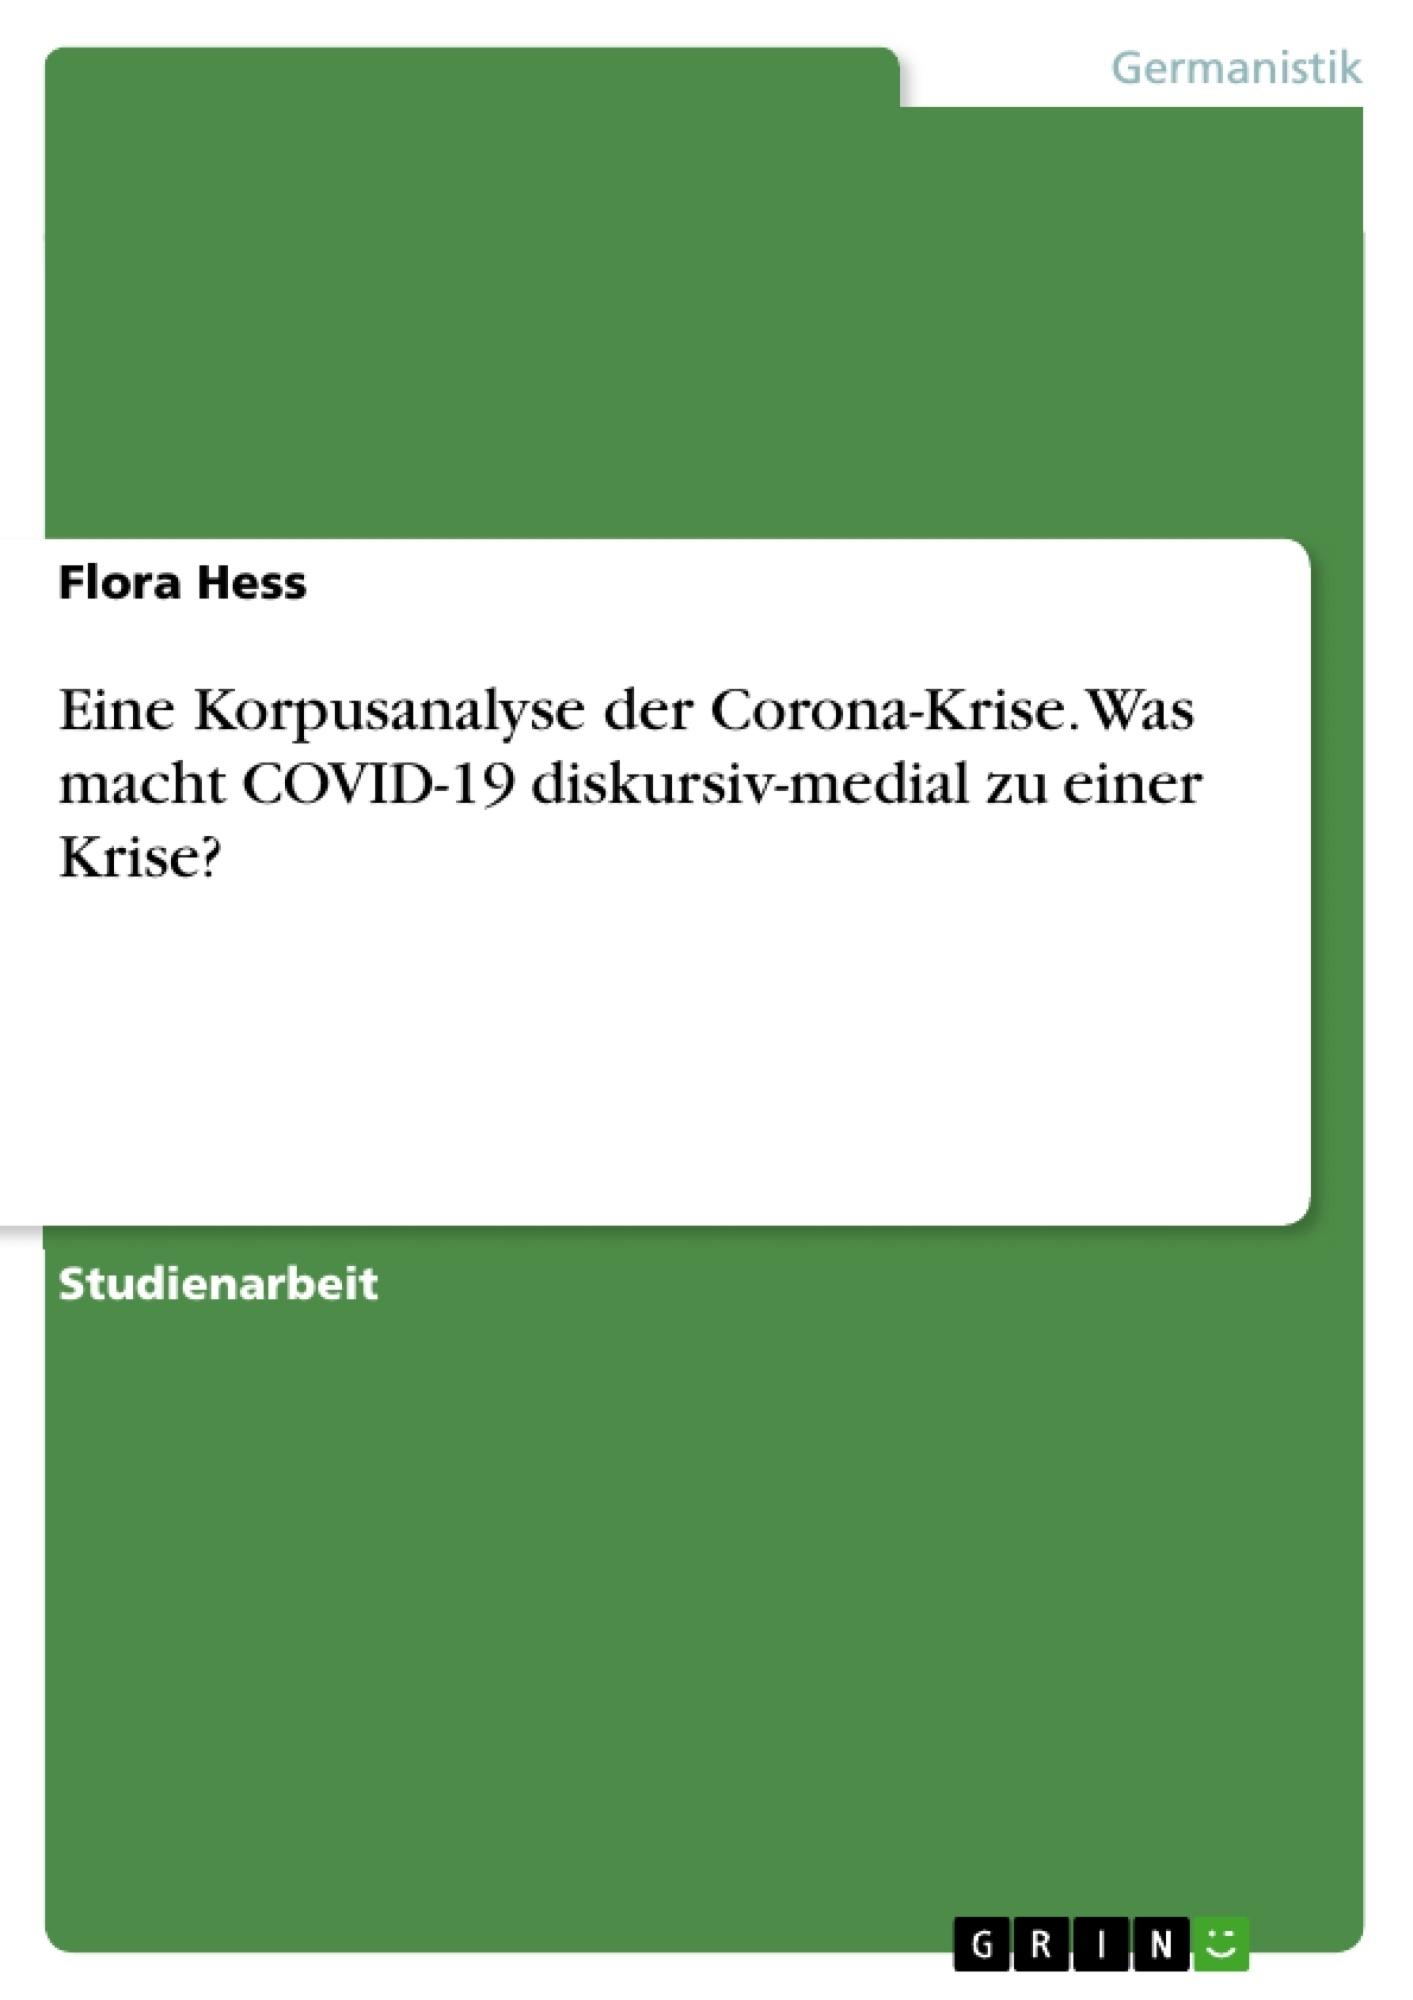 Titel: Eine Korpusanalyse der Corona-Krise. Was macht COVID-19 diskursiv-medial zu einer Krise?